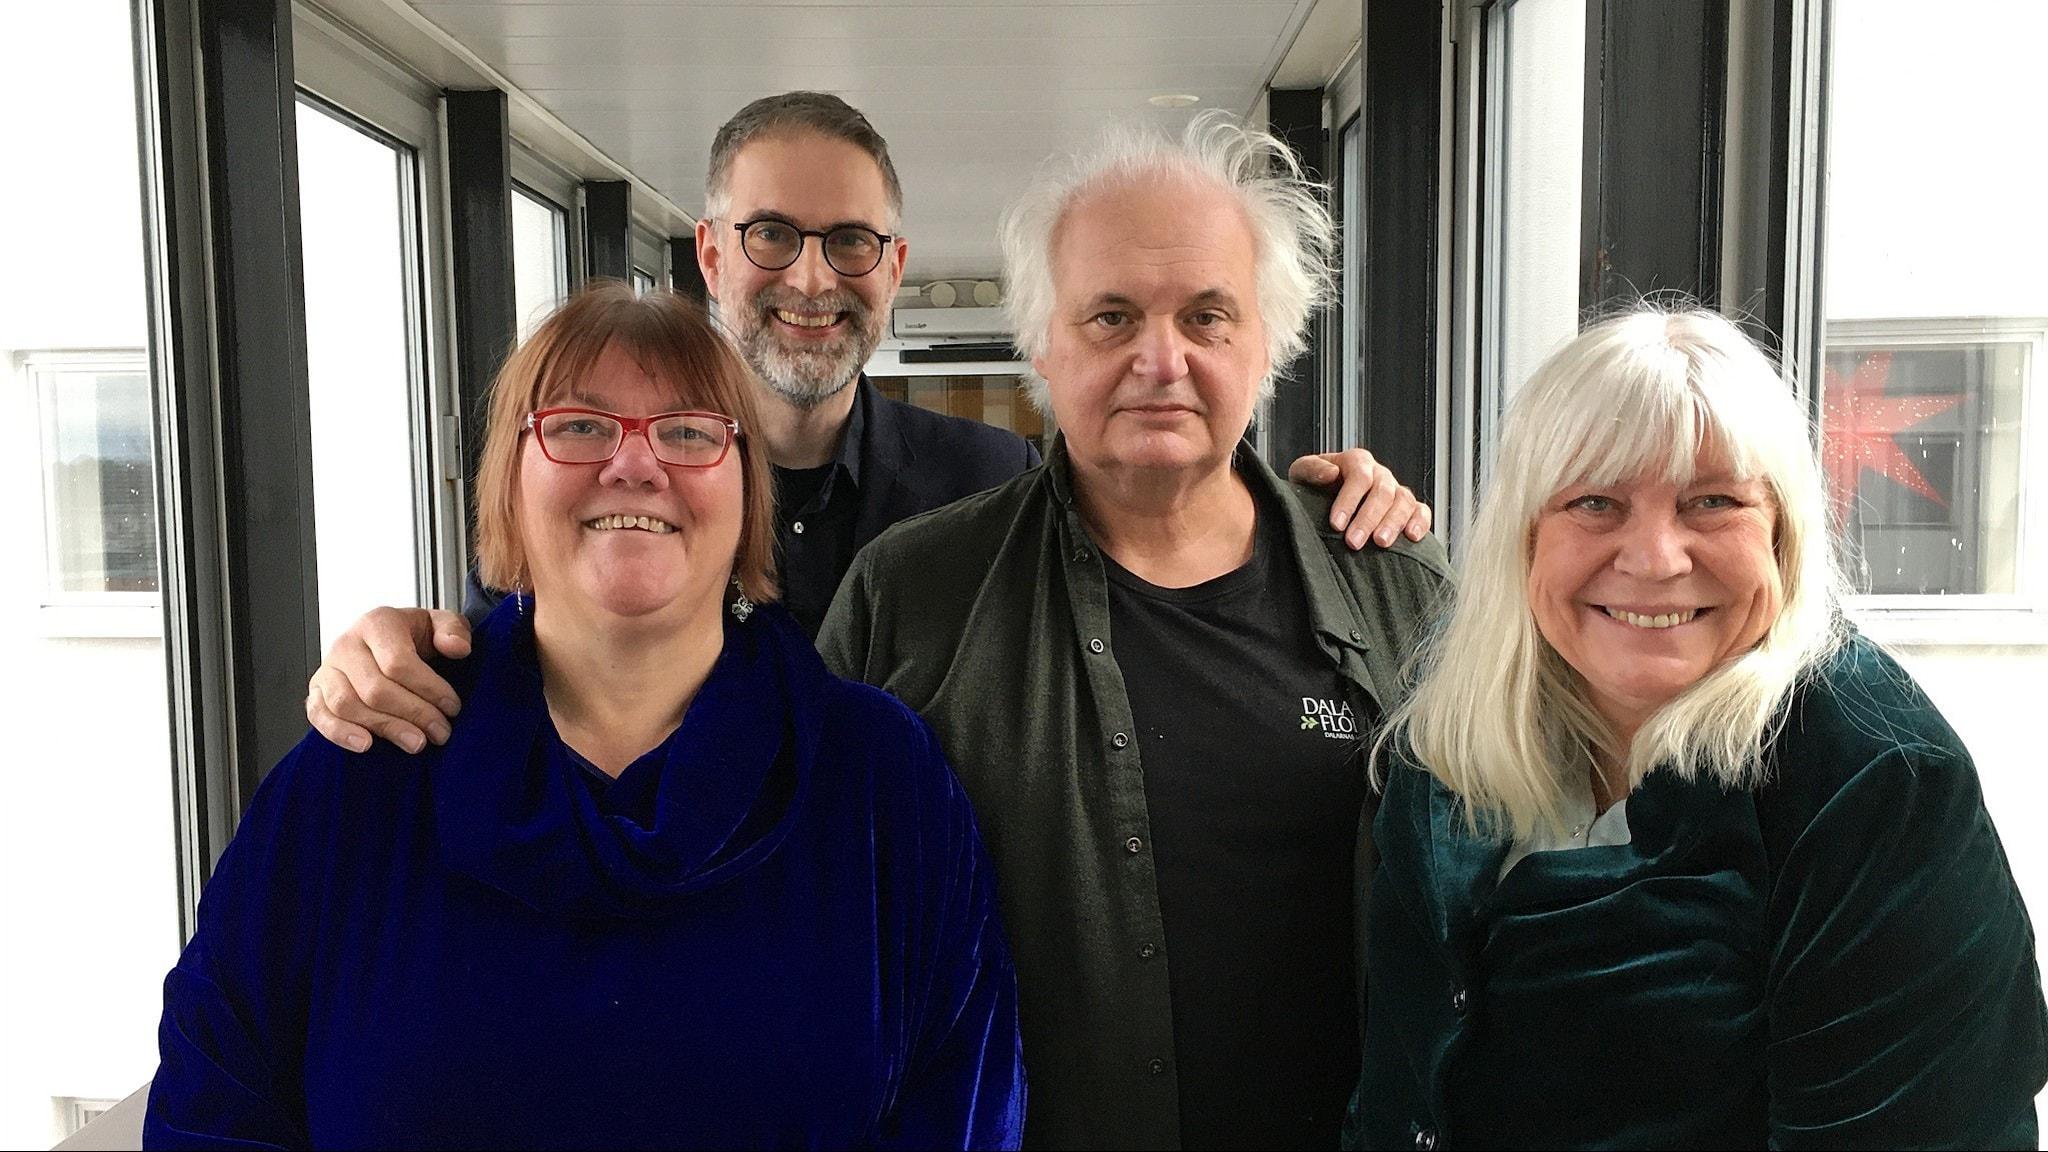 I panelen denna vecka hittar vi den legendariska P2-rösten Bodil Asketorp, Göran Greider, författare och debattör, Evabritt Selén, musikbibliotekarie på Sveriges Radio. Programledare är som vanligt Johan Korssell.